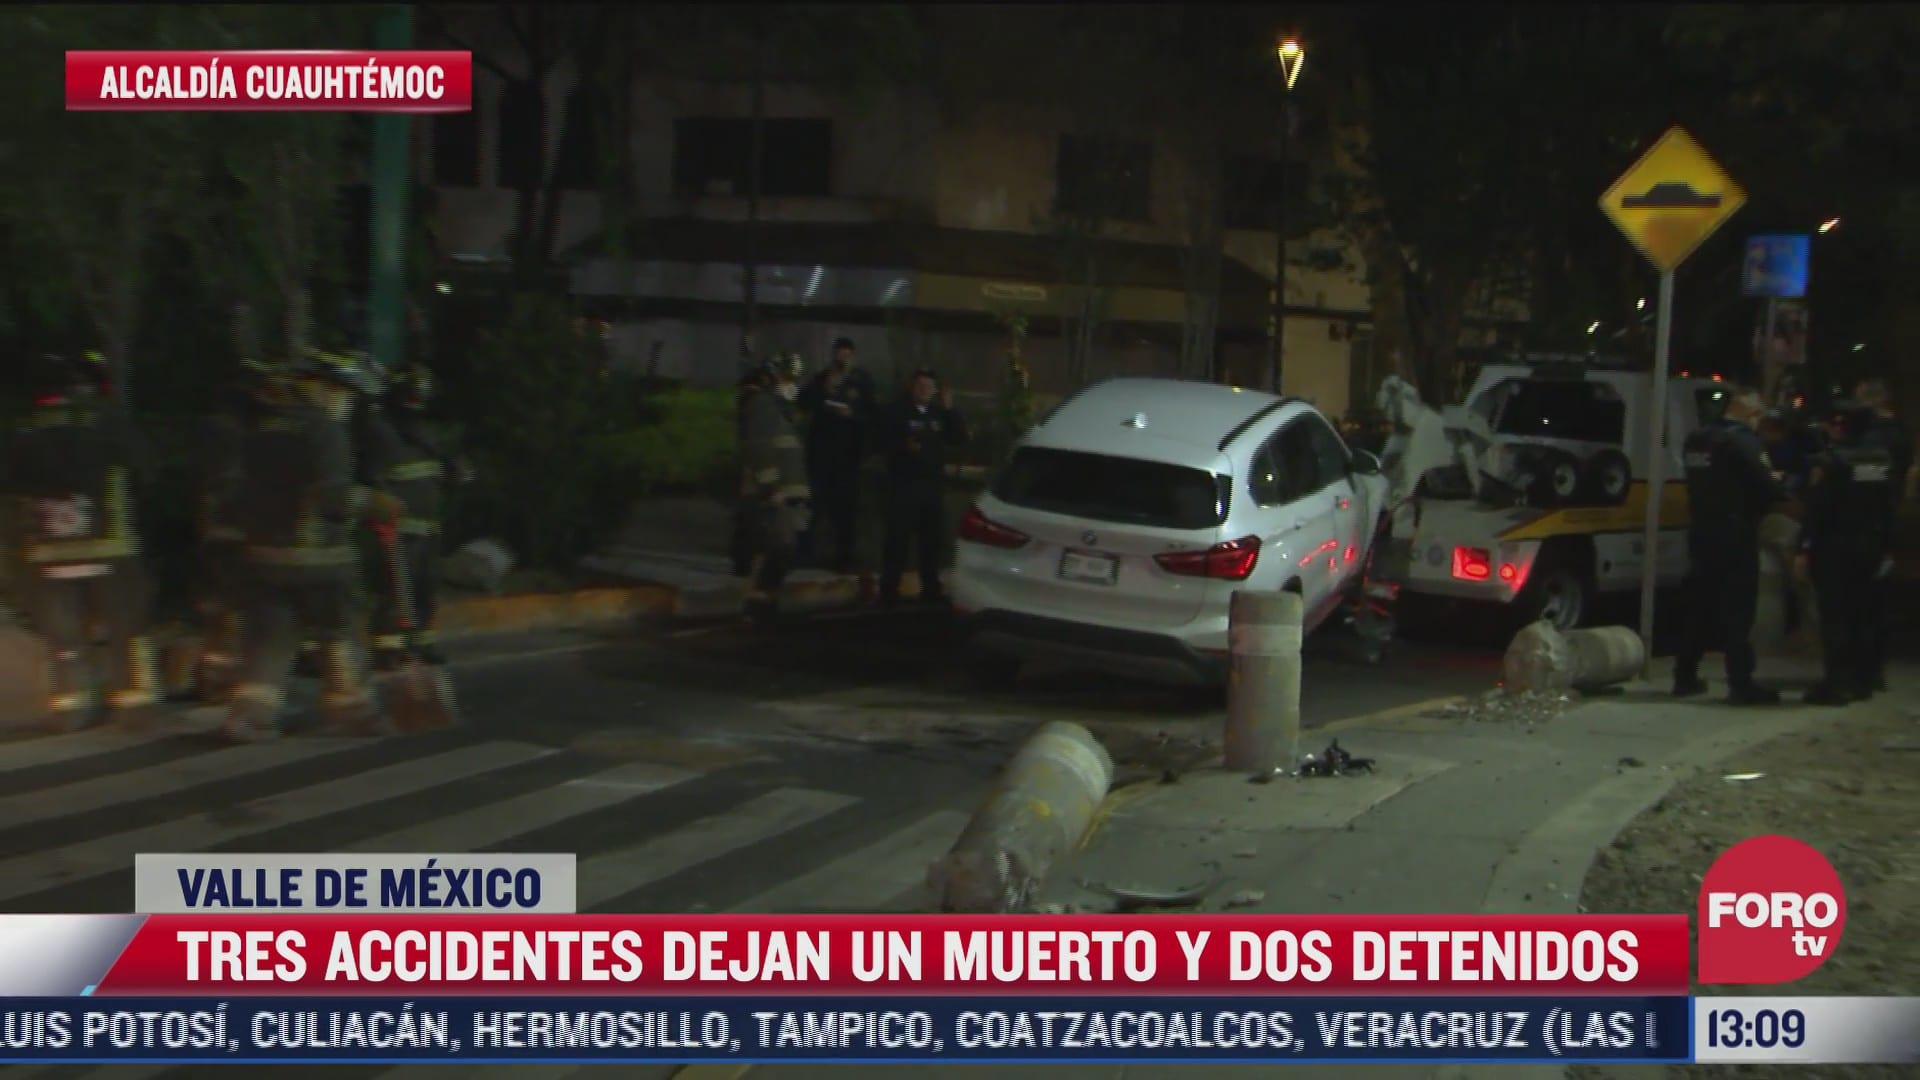 accidentes dejan 1 muerto y 2 detenidos en valle de mexico